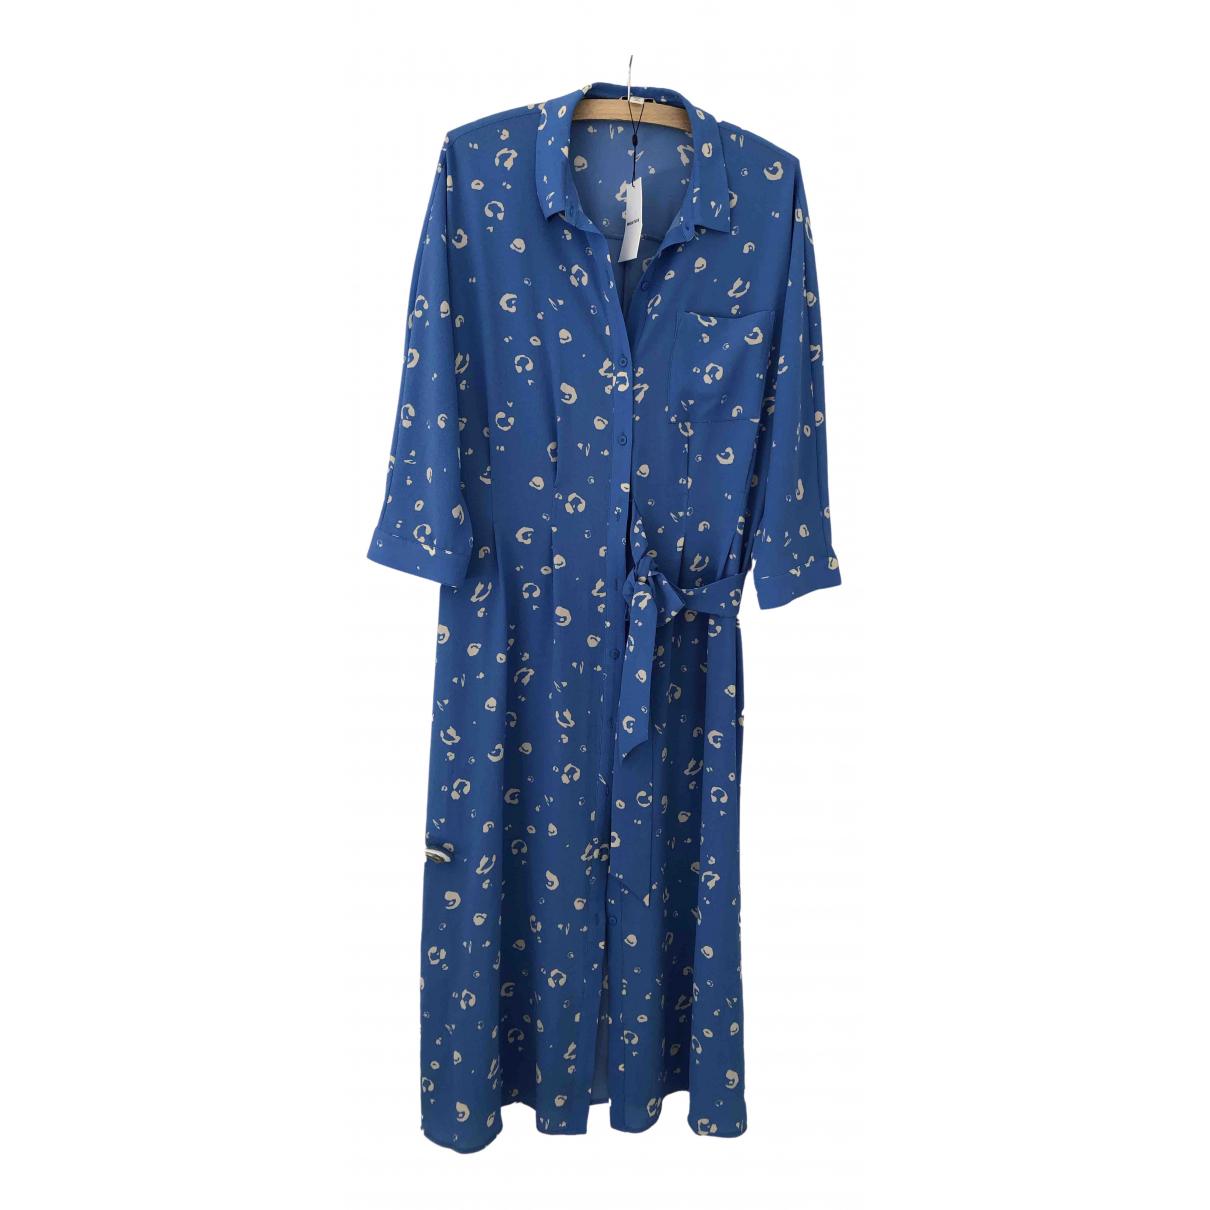 Whistles \N Kleid in  Blau Polyester